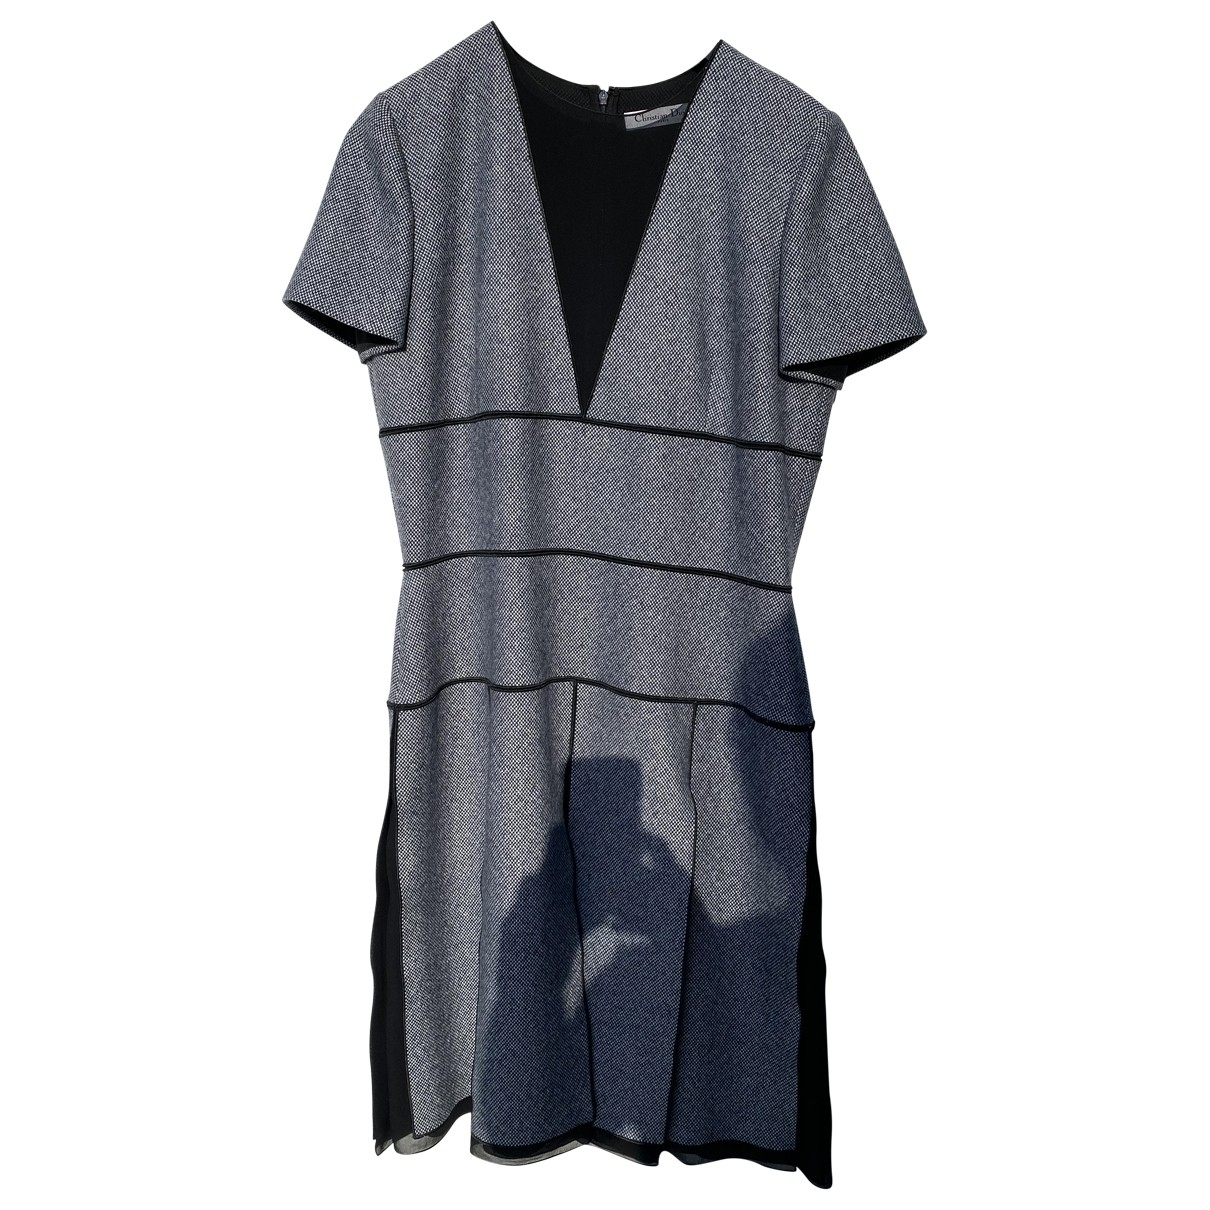 Dior \N Grey Wool dress for Women 42 FR